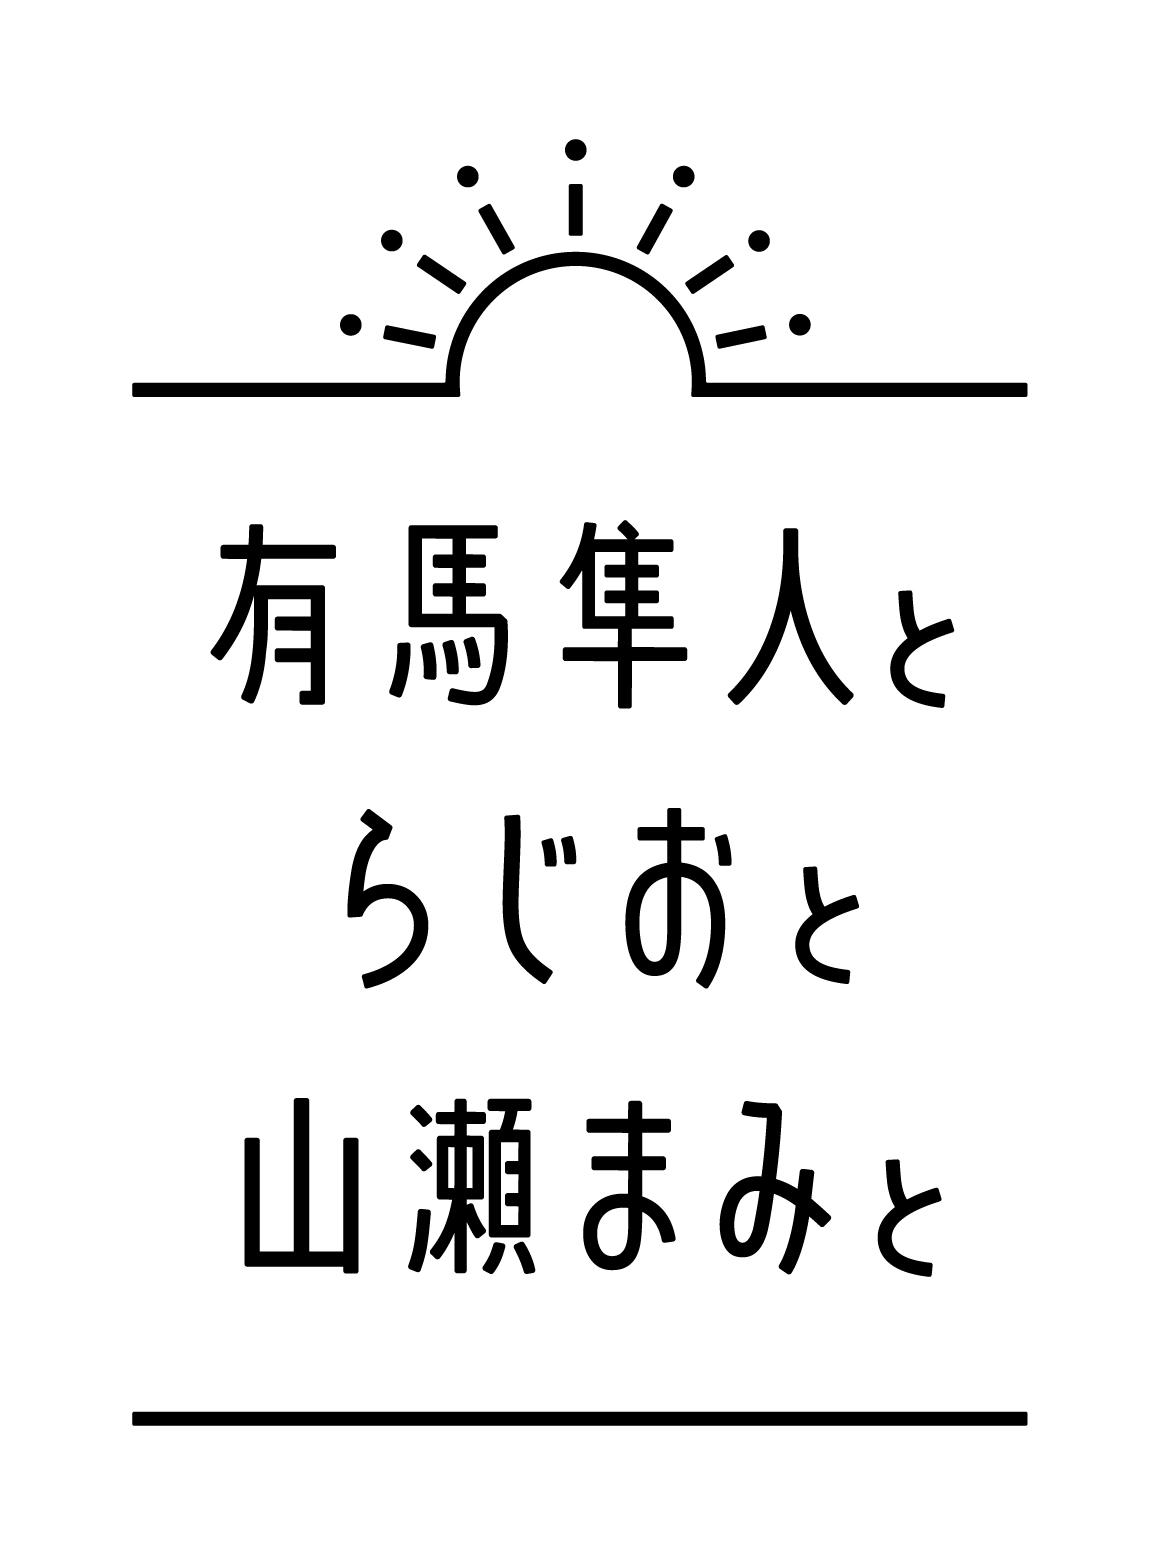 ラジフェス2017 オープニングセレモニー & 有馬隼人とらじおと山瀬まみと 公開生放送